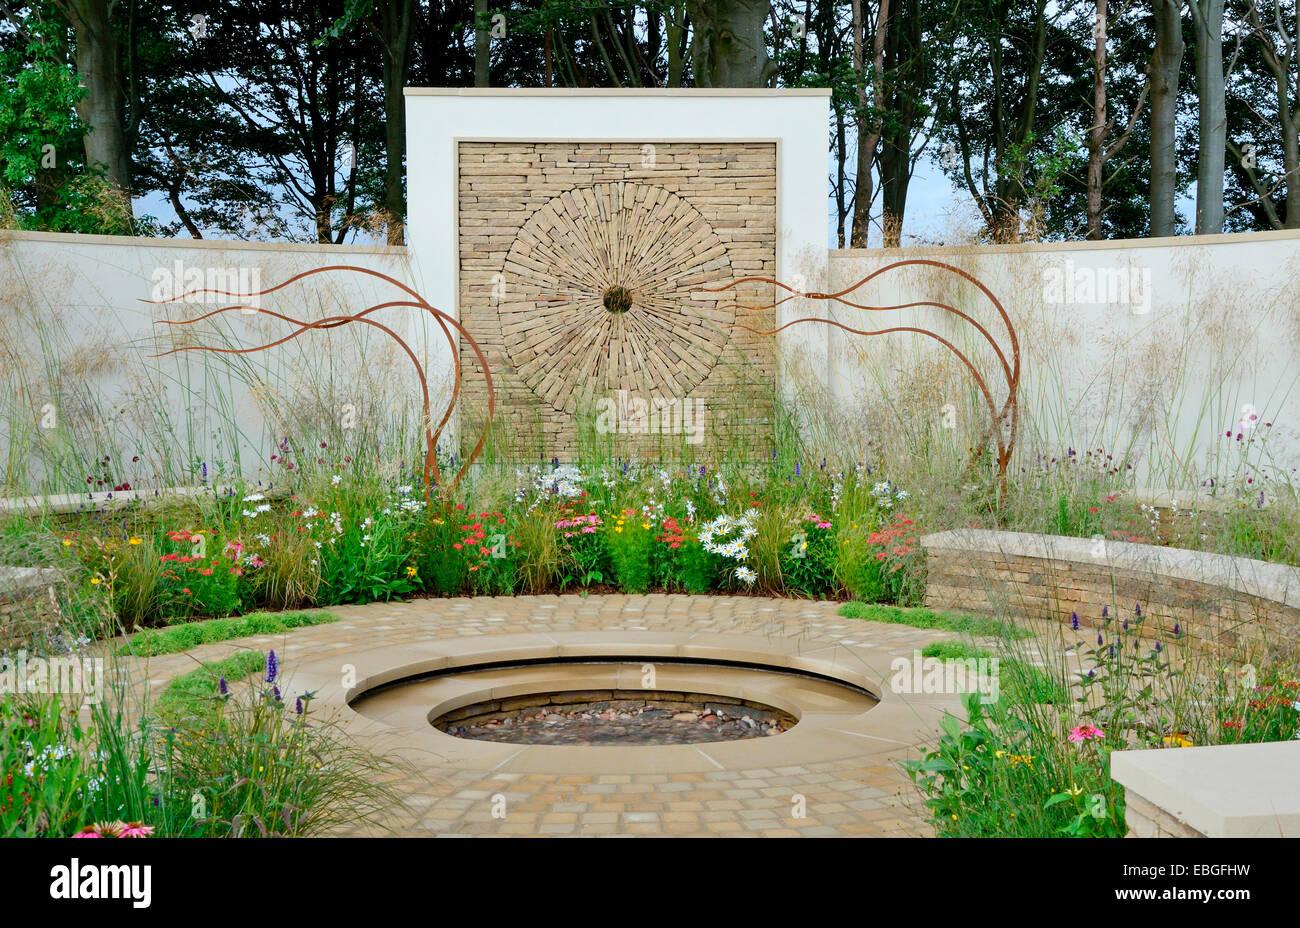 Come Recintare Un Giardino giardino recintato o recintato immagini & giardino recintato